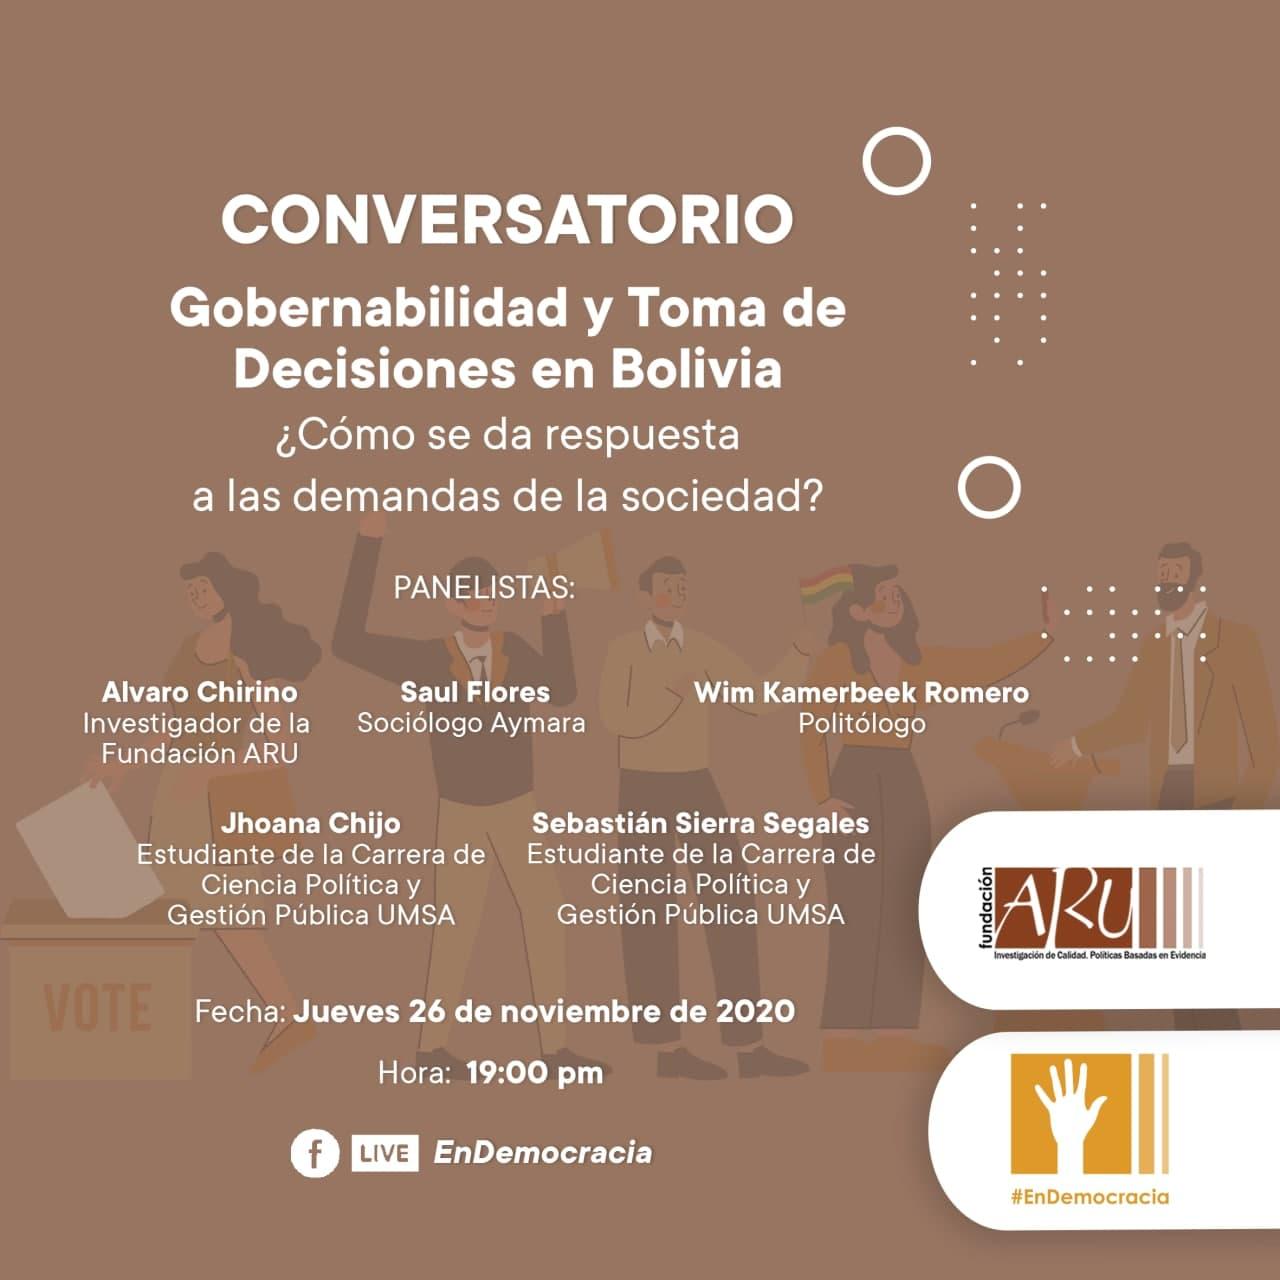 Gobernabilidad y Toma de Decisiones en Bolivia